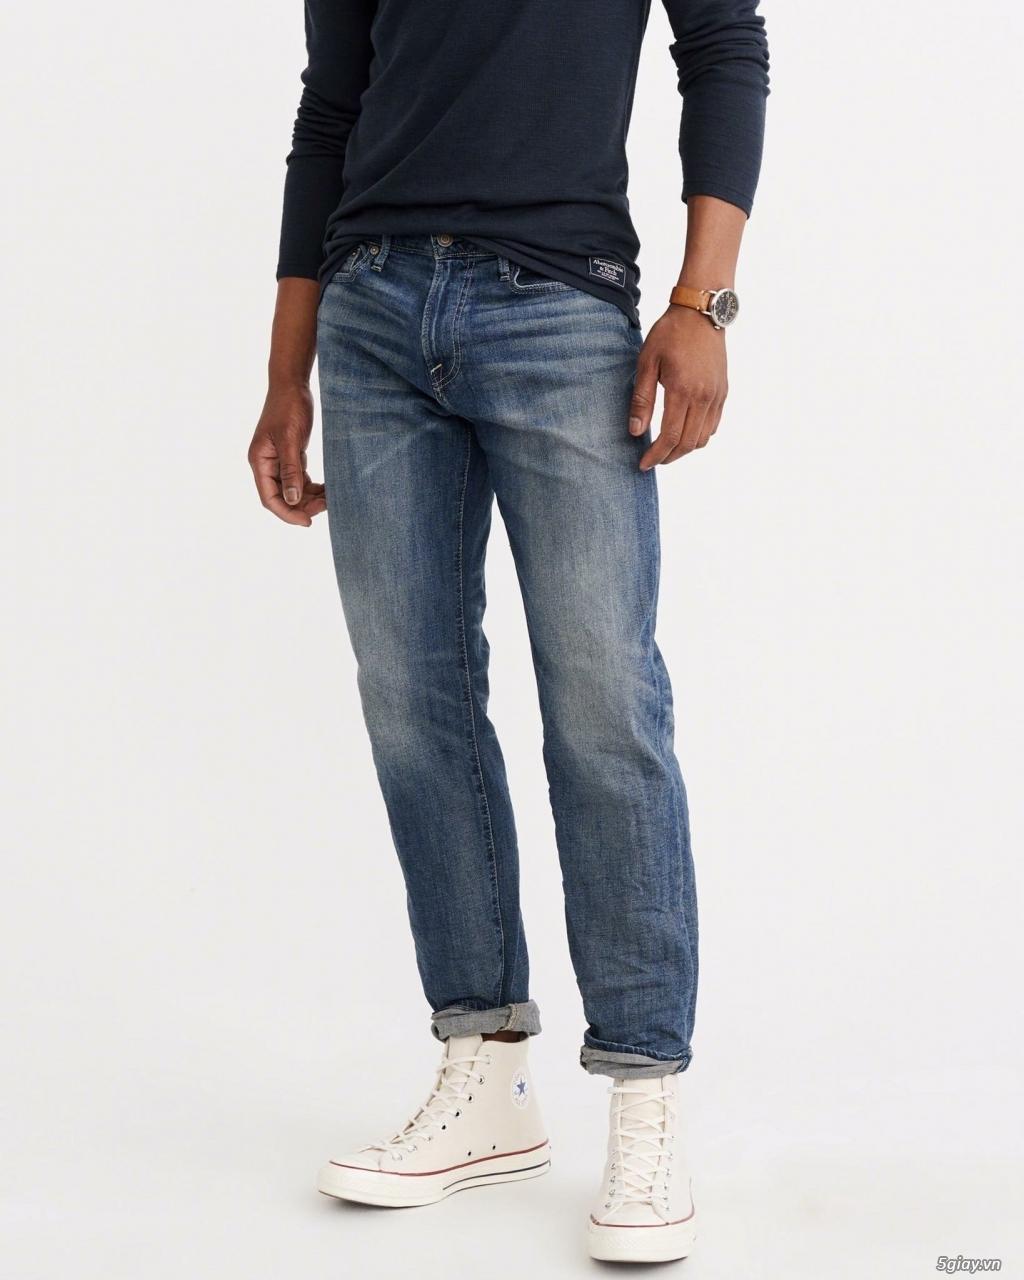 Cần thanh lý quẩn jeans abercrombie & fitch mua bên mỹ . - 2